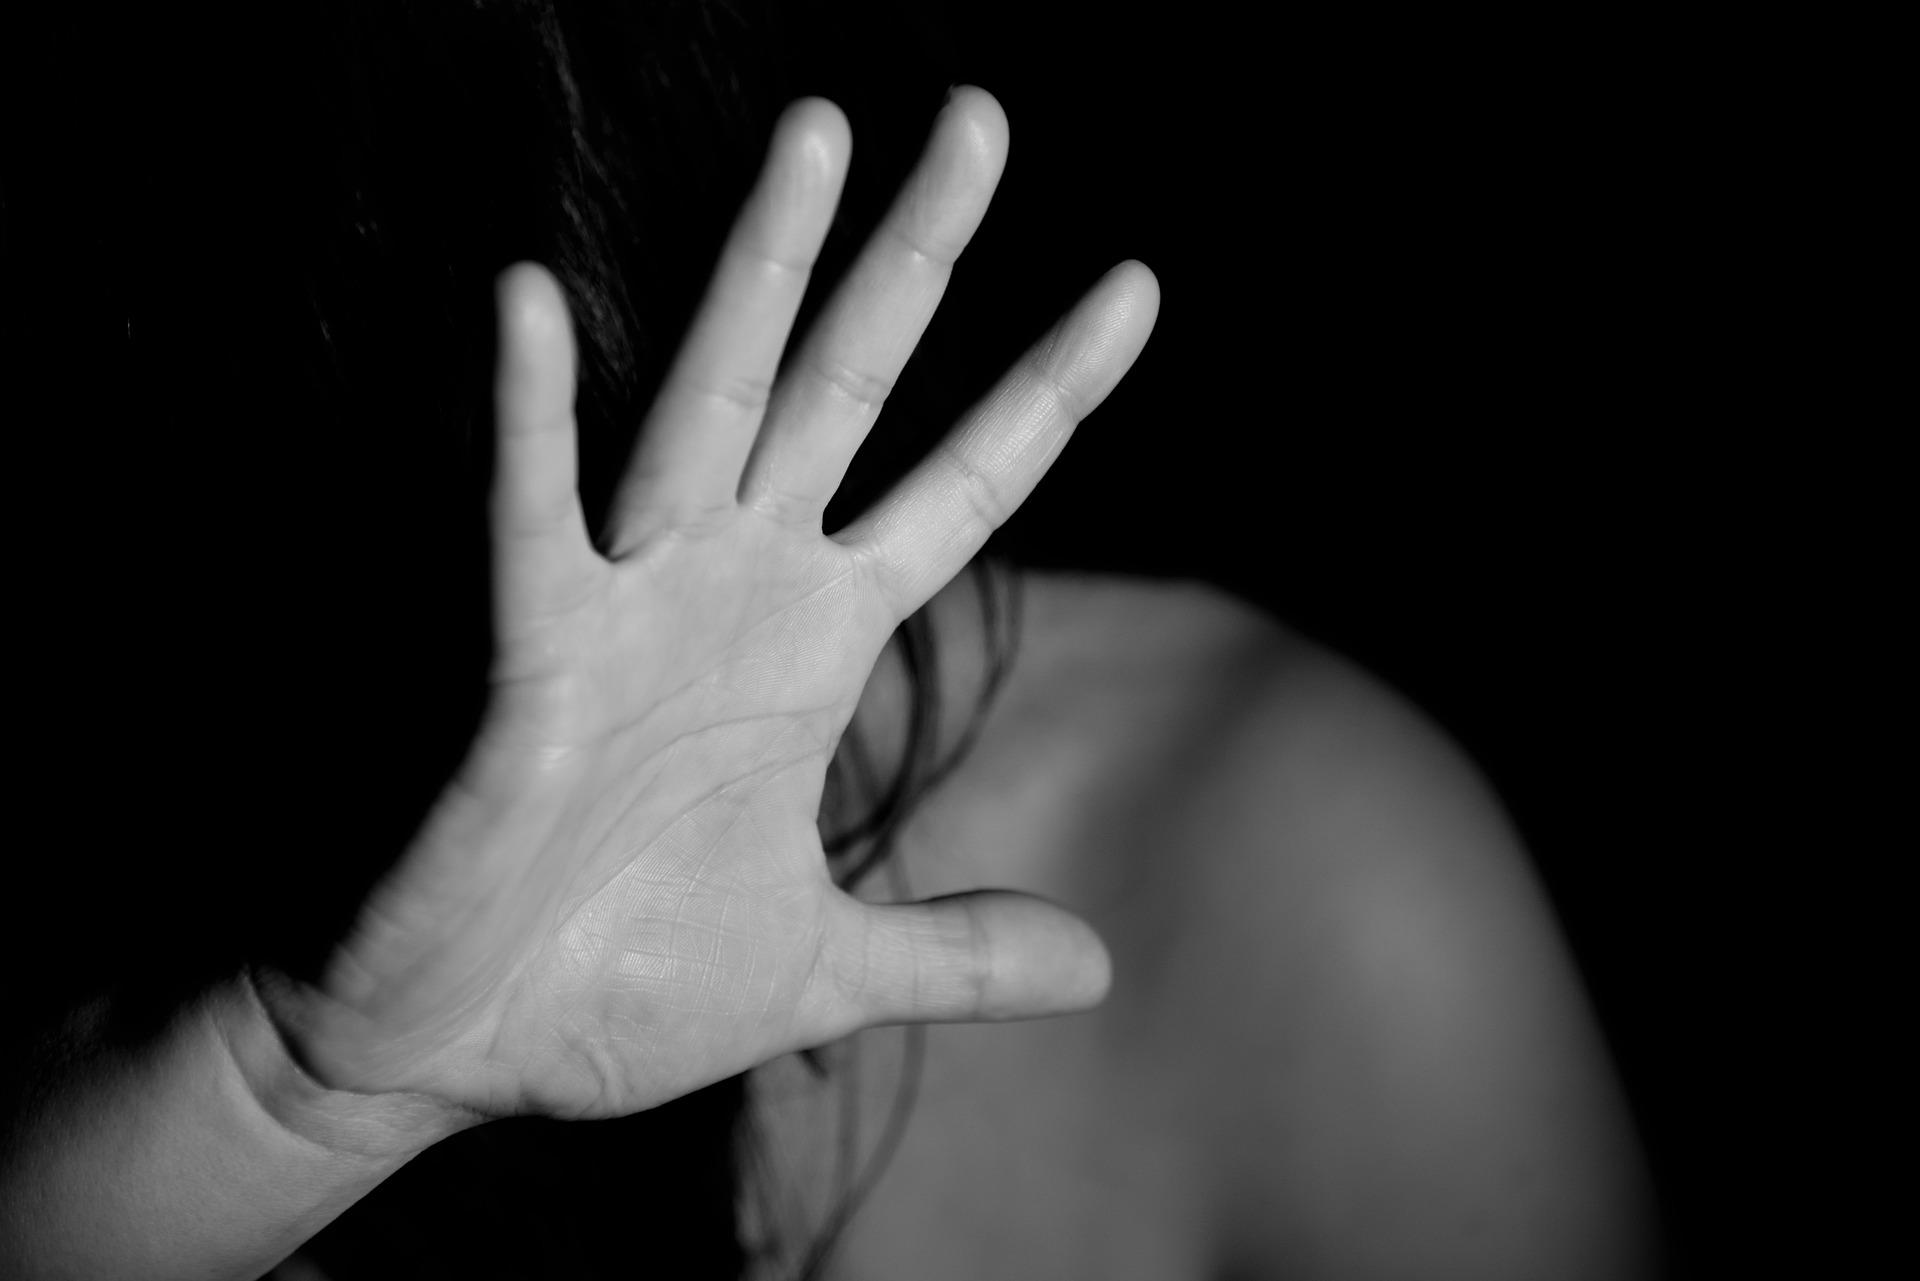 femminicidio violenza sulle donne abusi